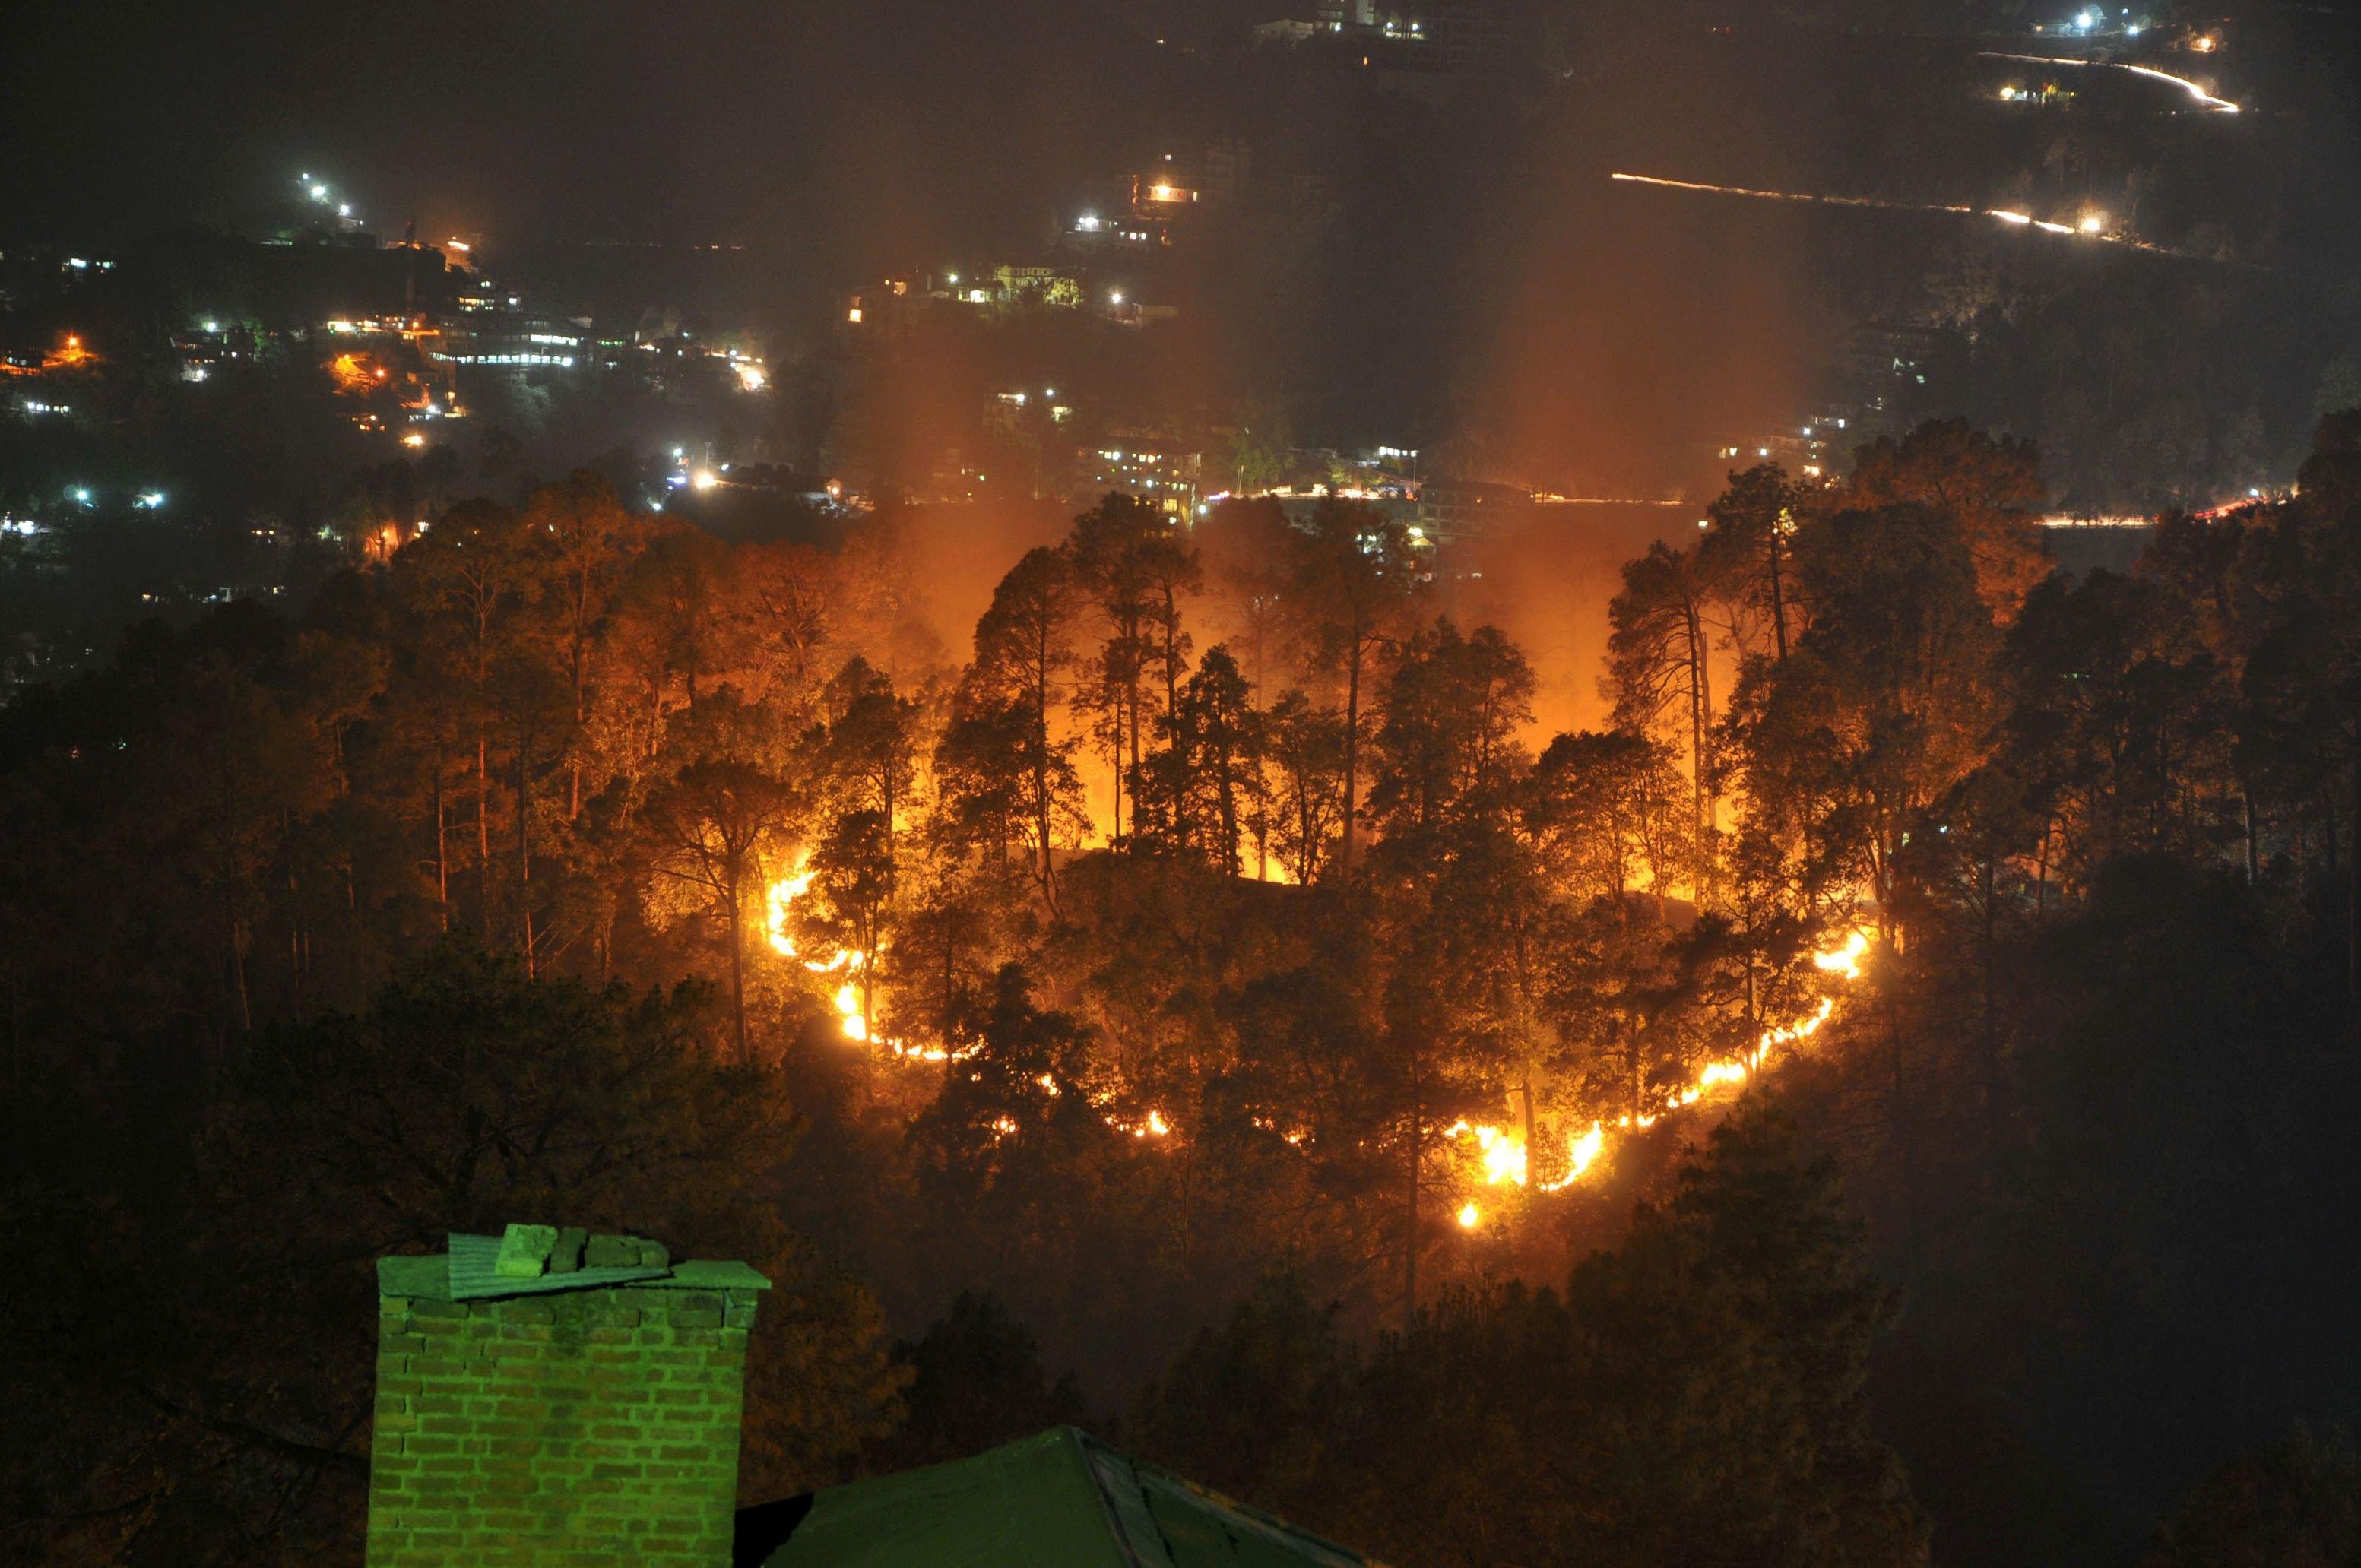 Burning forest in Uttarakhand